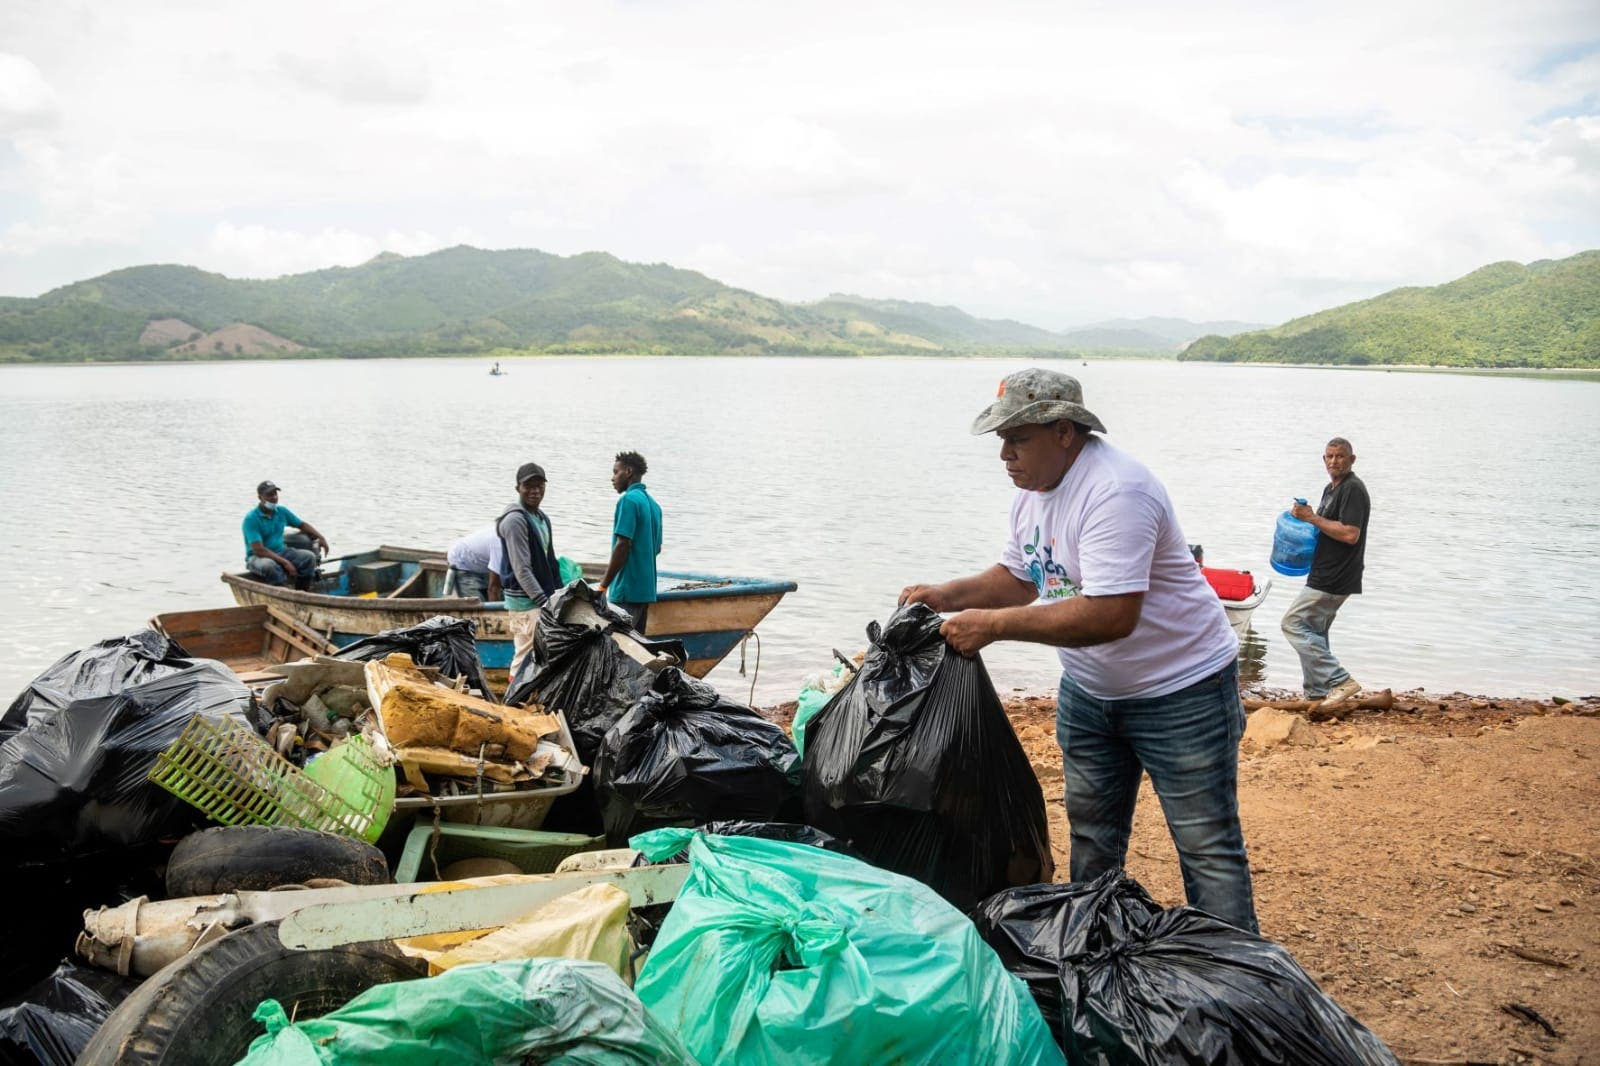 Barrick Gold realiza jornada de limpieza en playas y ríos